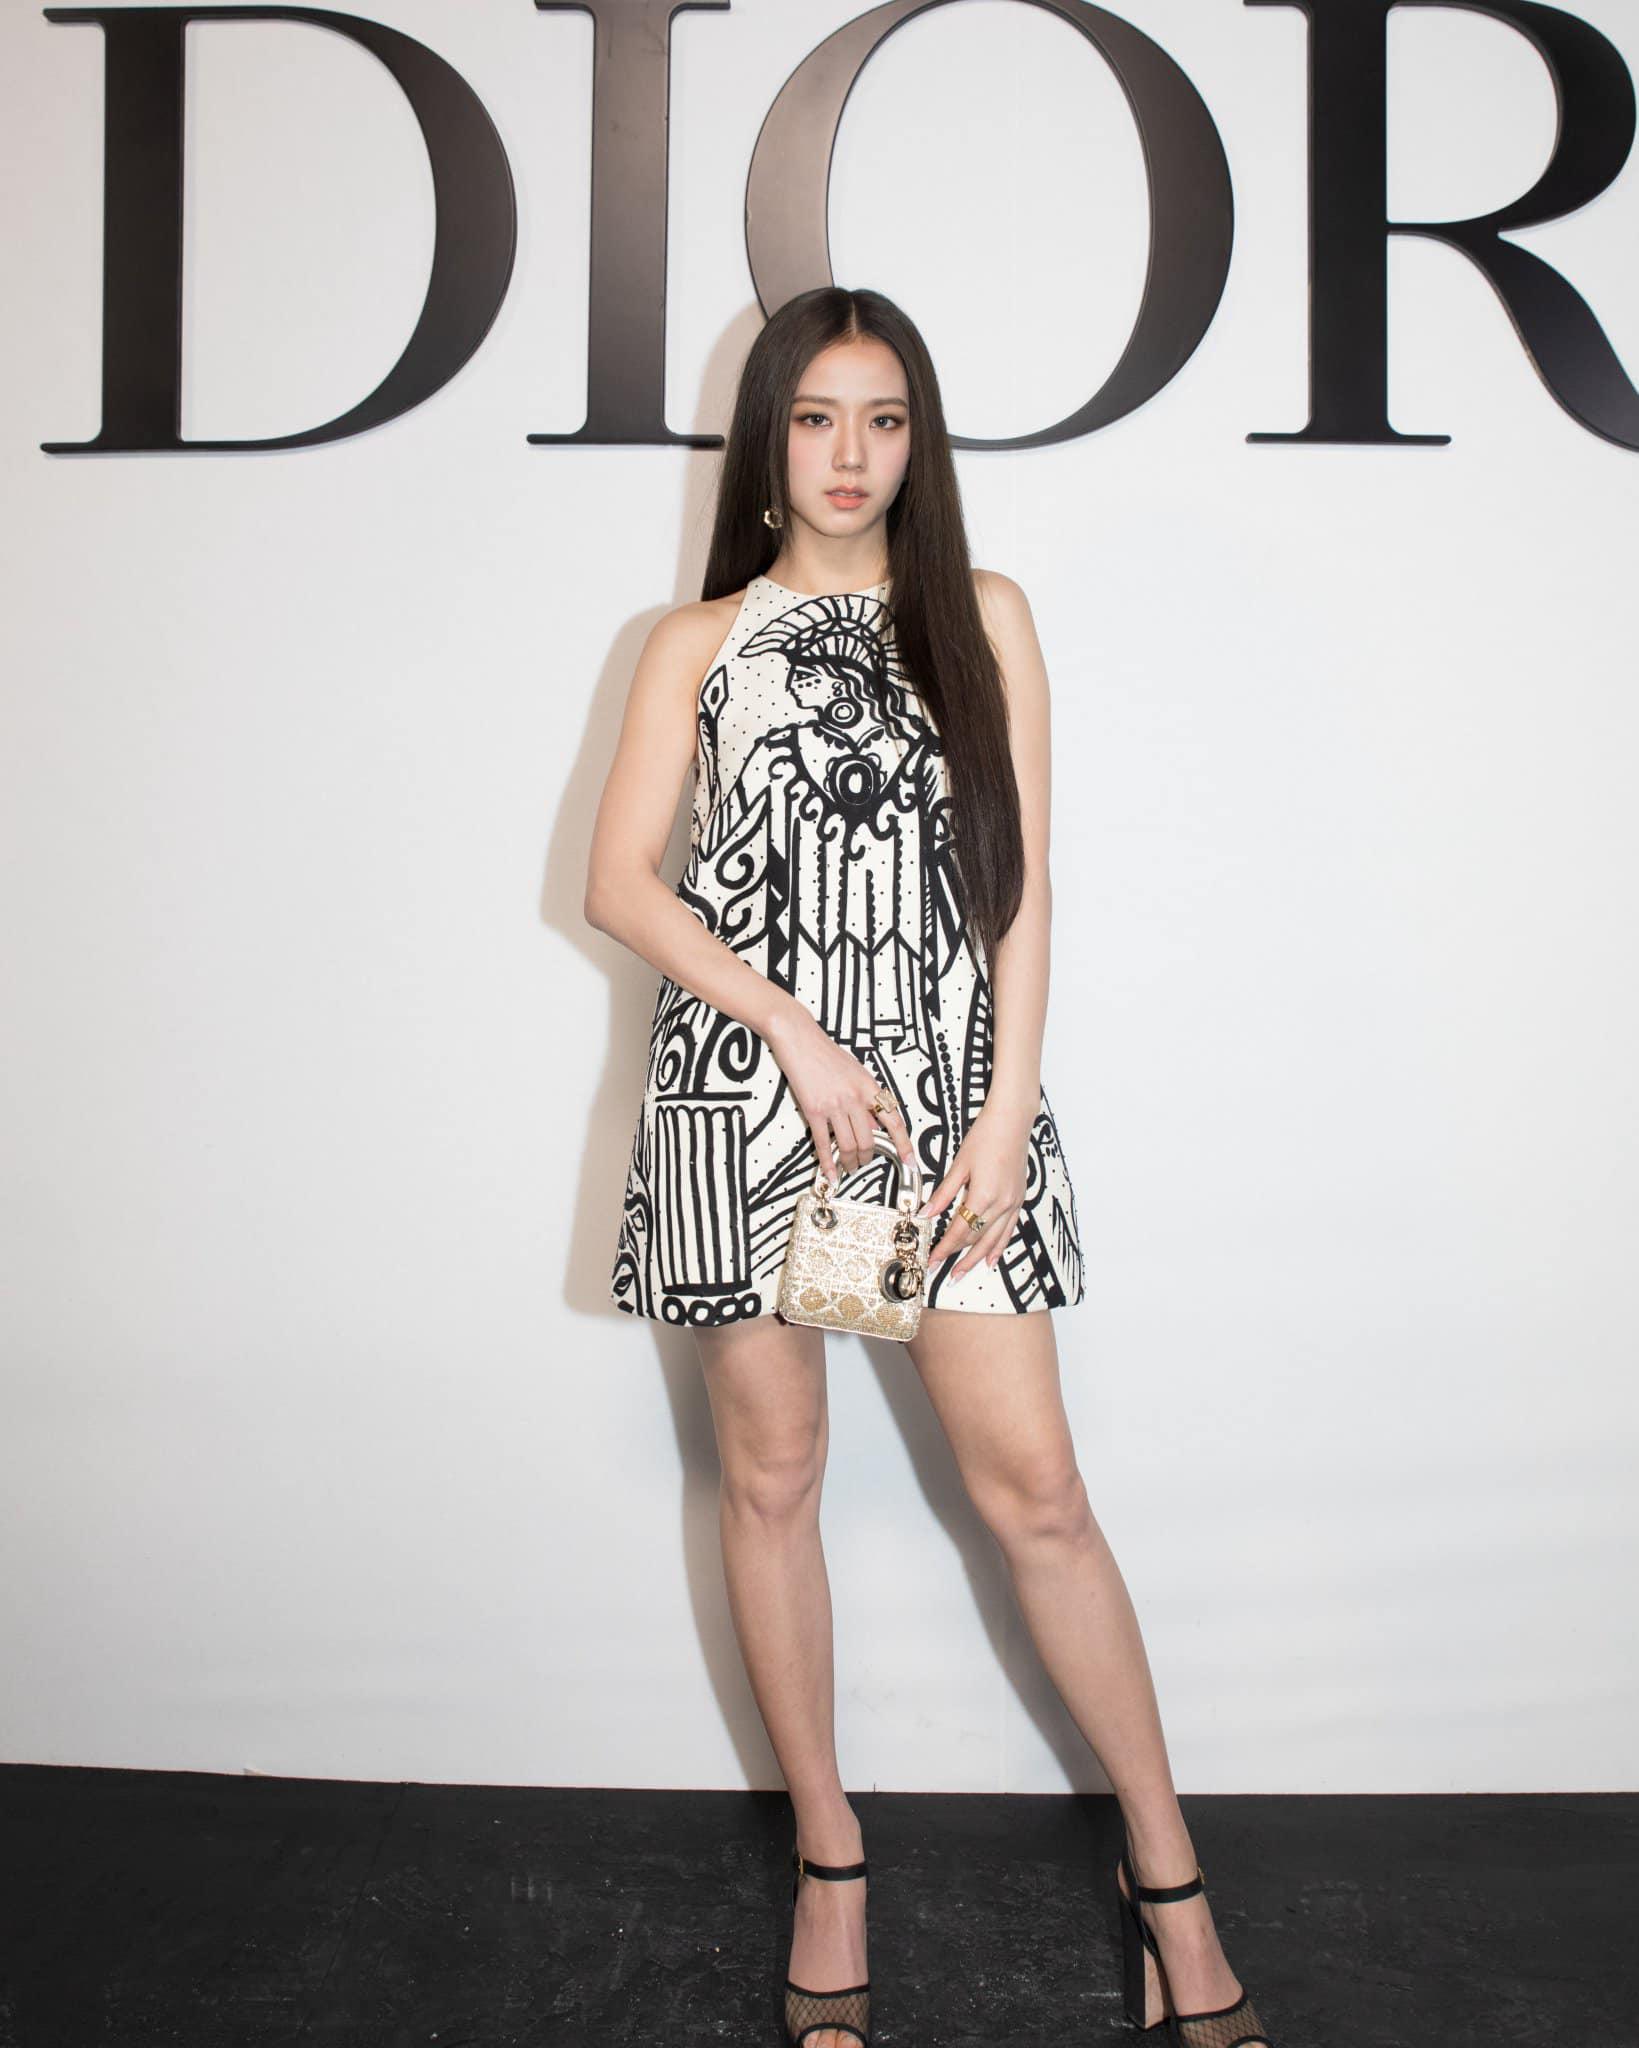 Bộ váy không tay dáng suông mà Ji Soo mặc nằm trong BST mới nhất của Dior với họa tiết Hy Lạp cổ màu đen nổi bật trên nền trắng. Đi kèm trang phục, nữ idol xách túi Lady Dior phiên bản mini cùng giày cao gót tôn chiều cao.